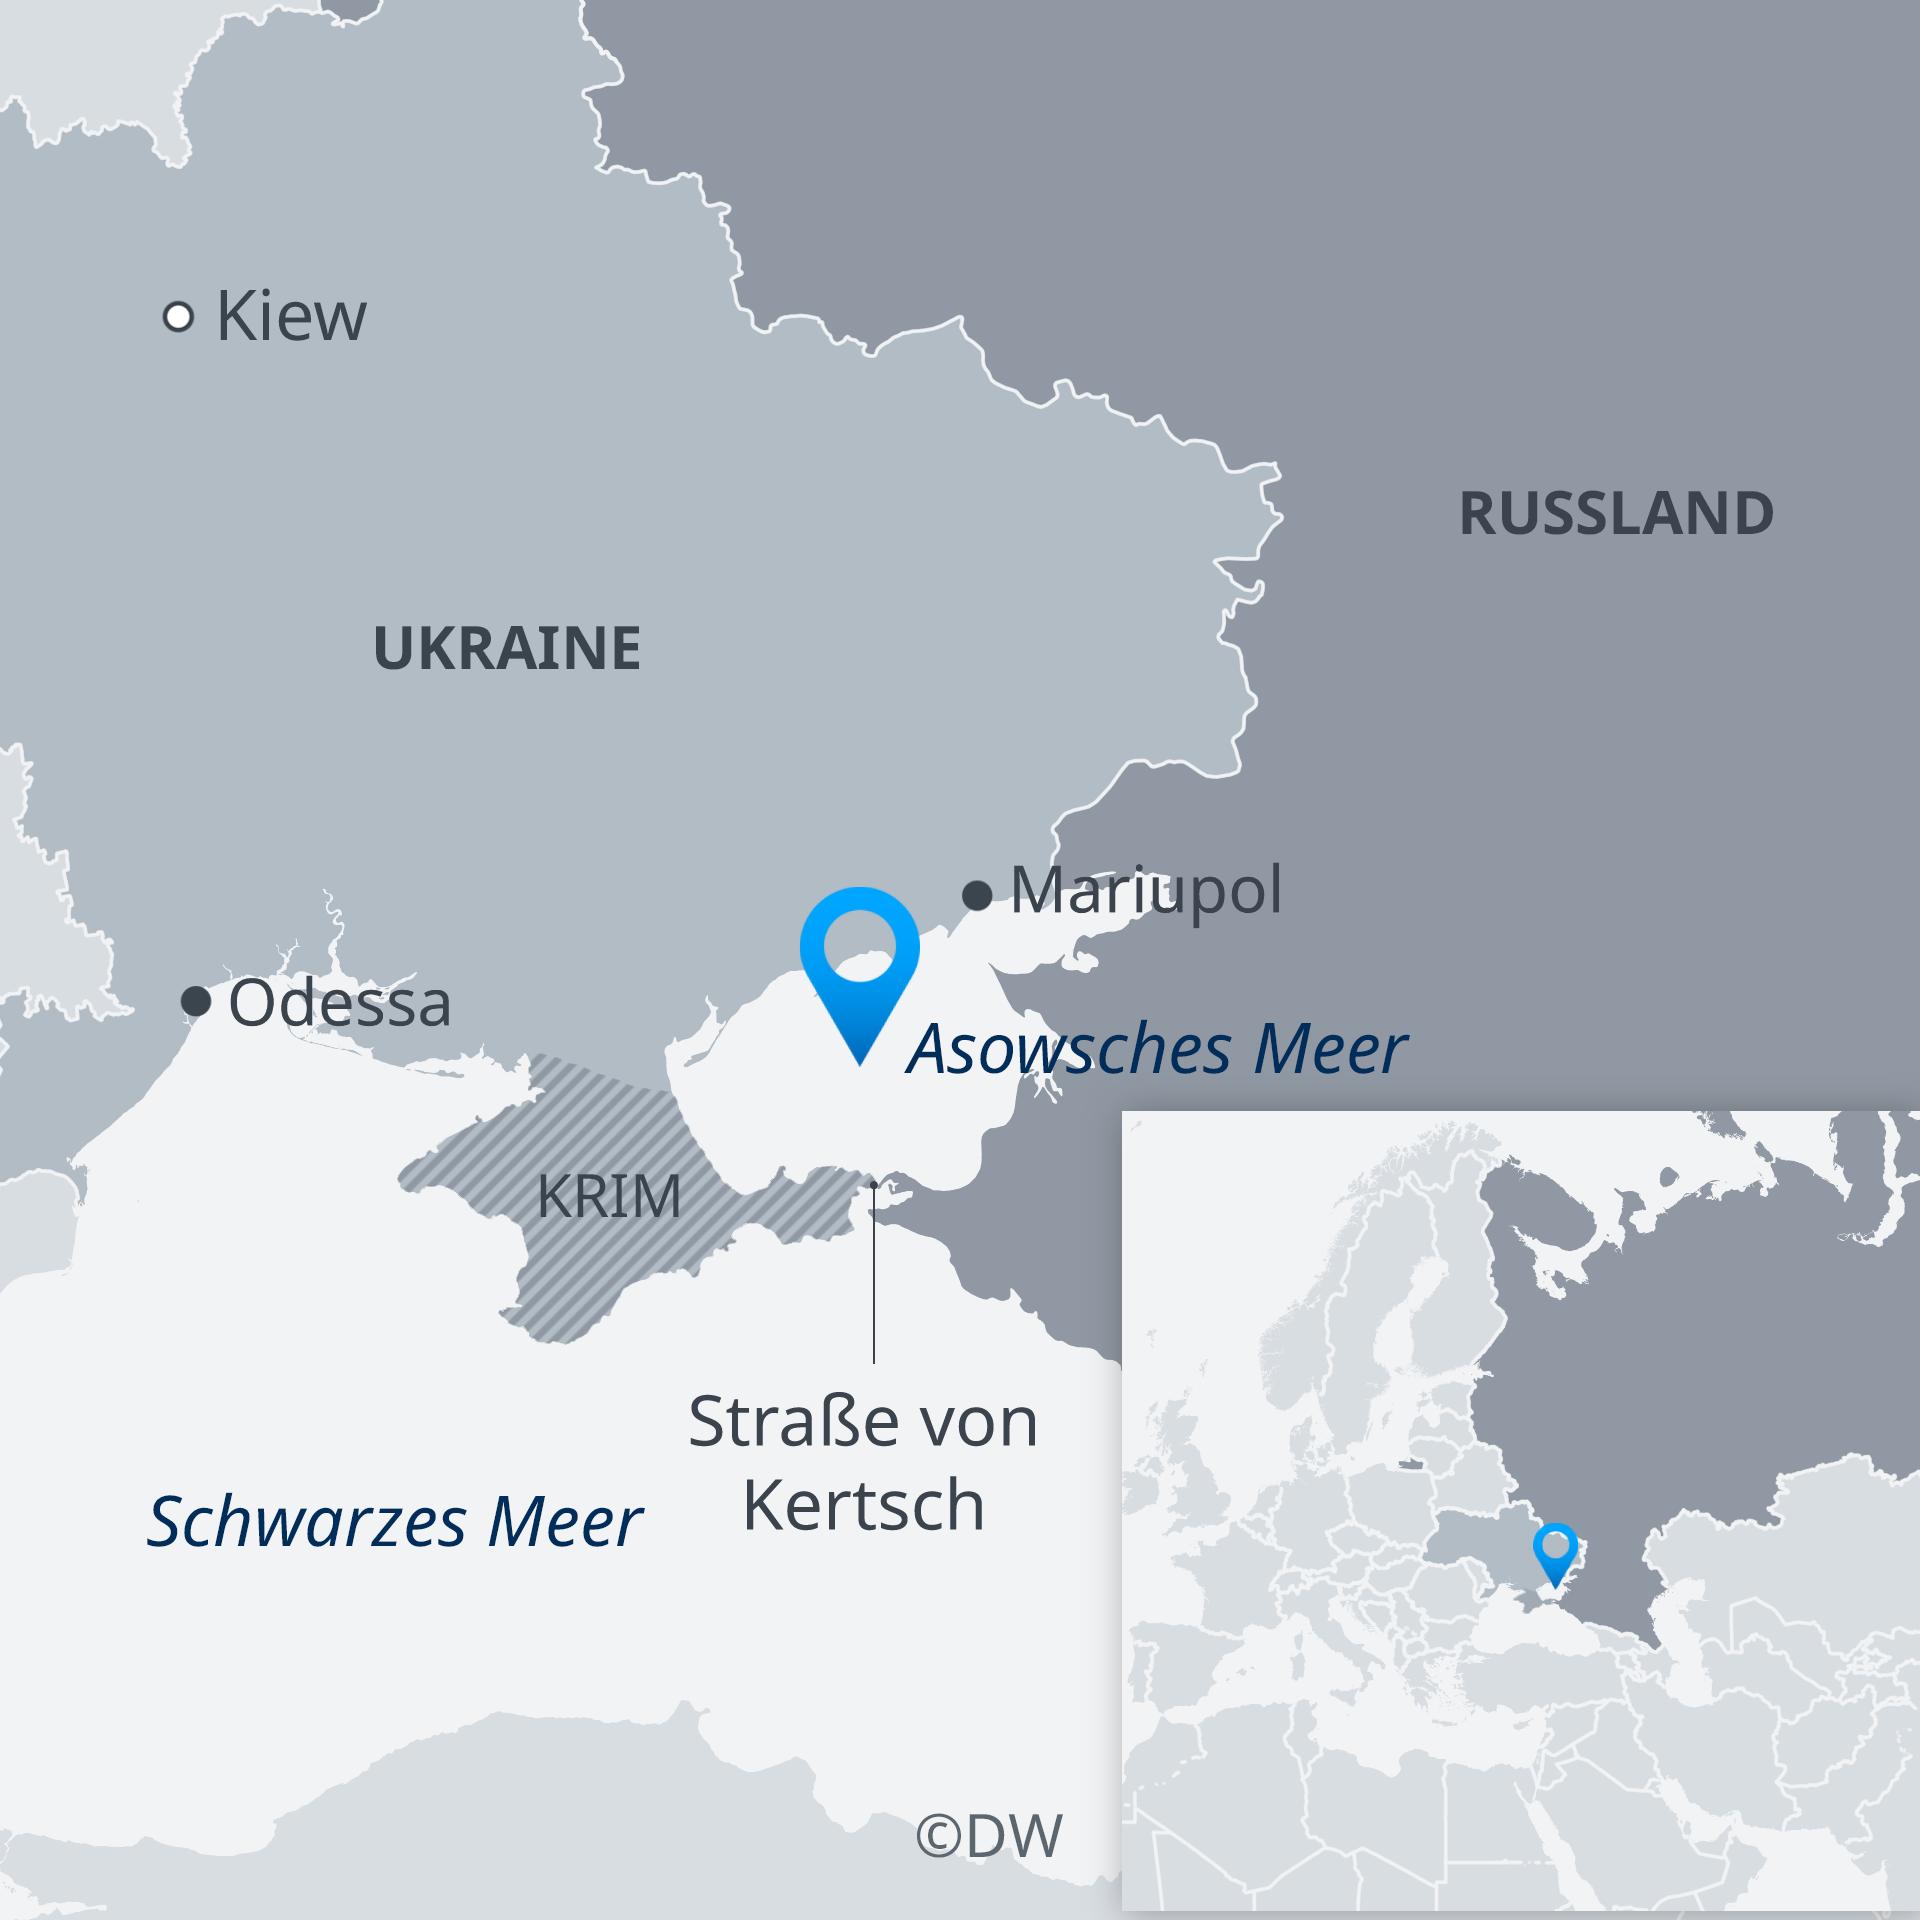 Karte Asowsches Meer Krim Ukraine Russland DE